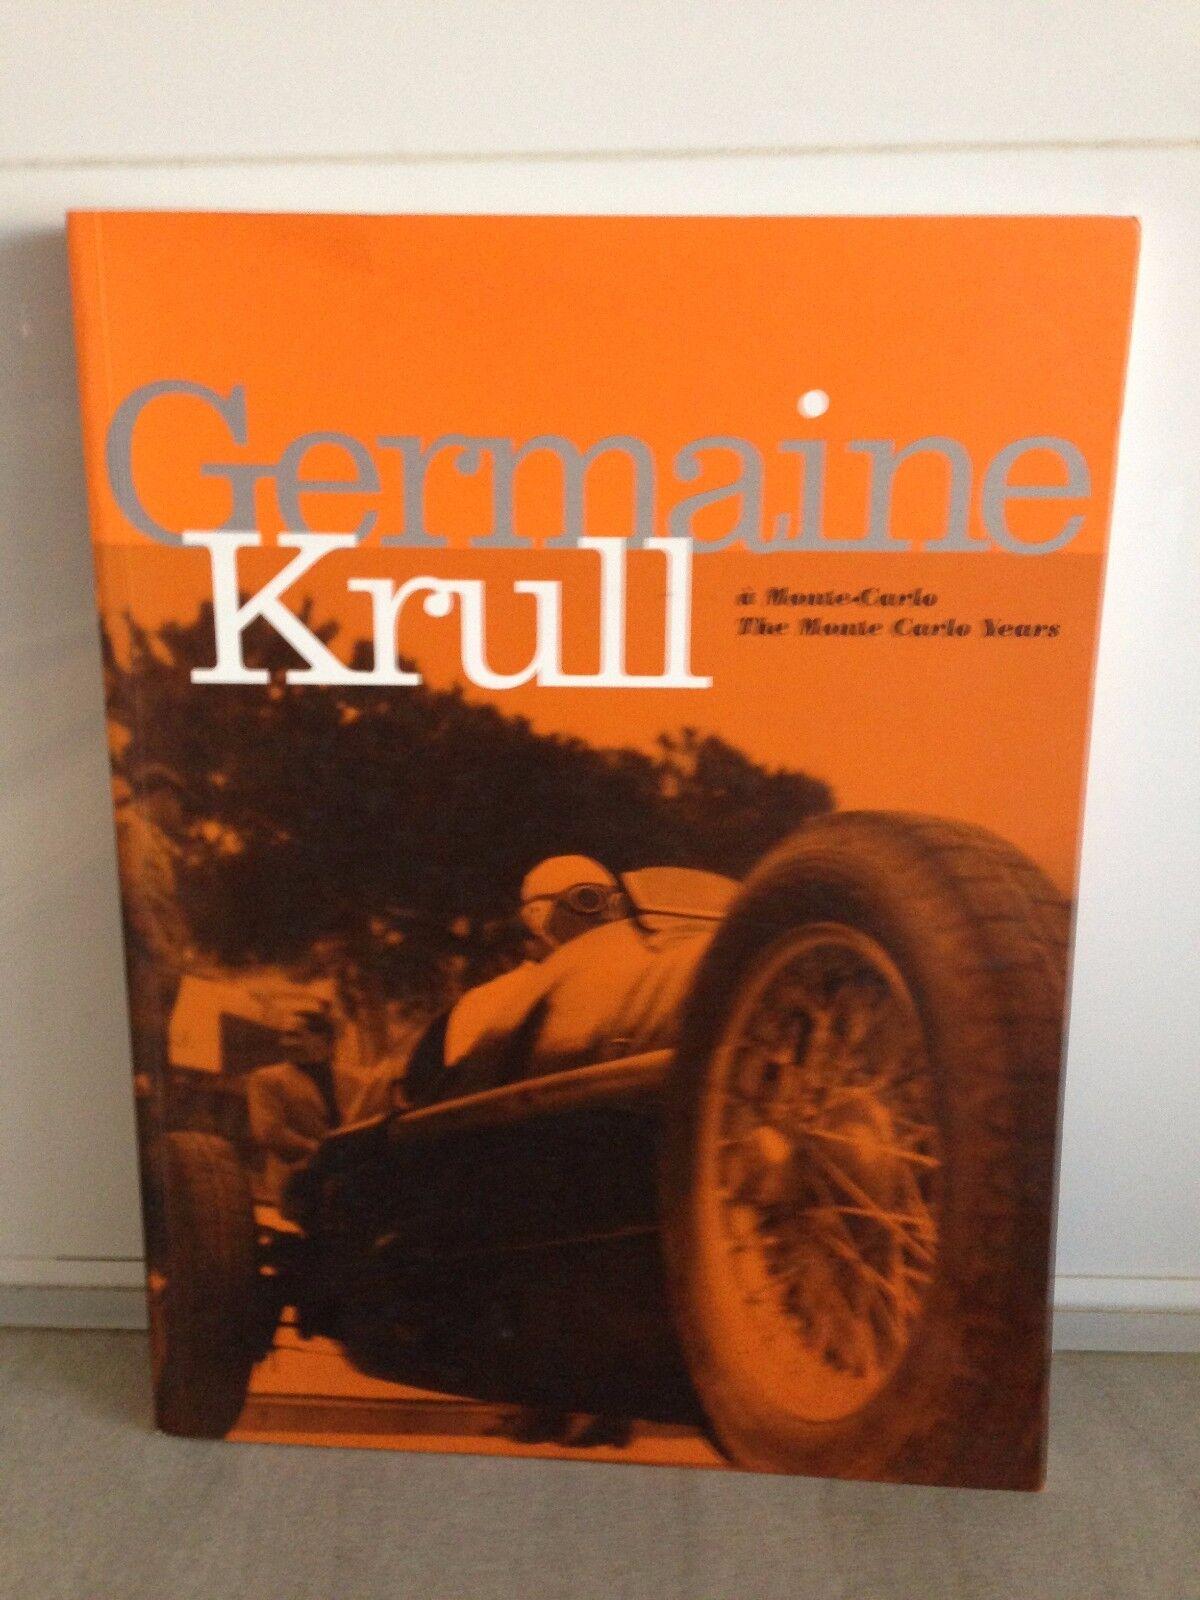 GERMAINE KRULL A monte-carlo et la cote /230 photos inédites /KIM SICHEL / 2006